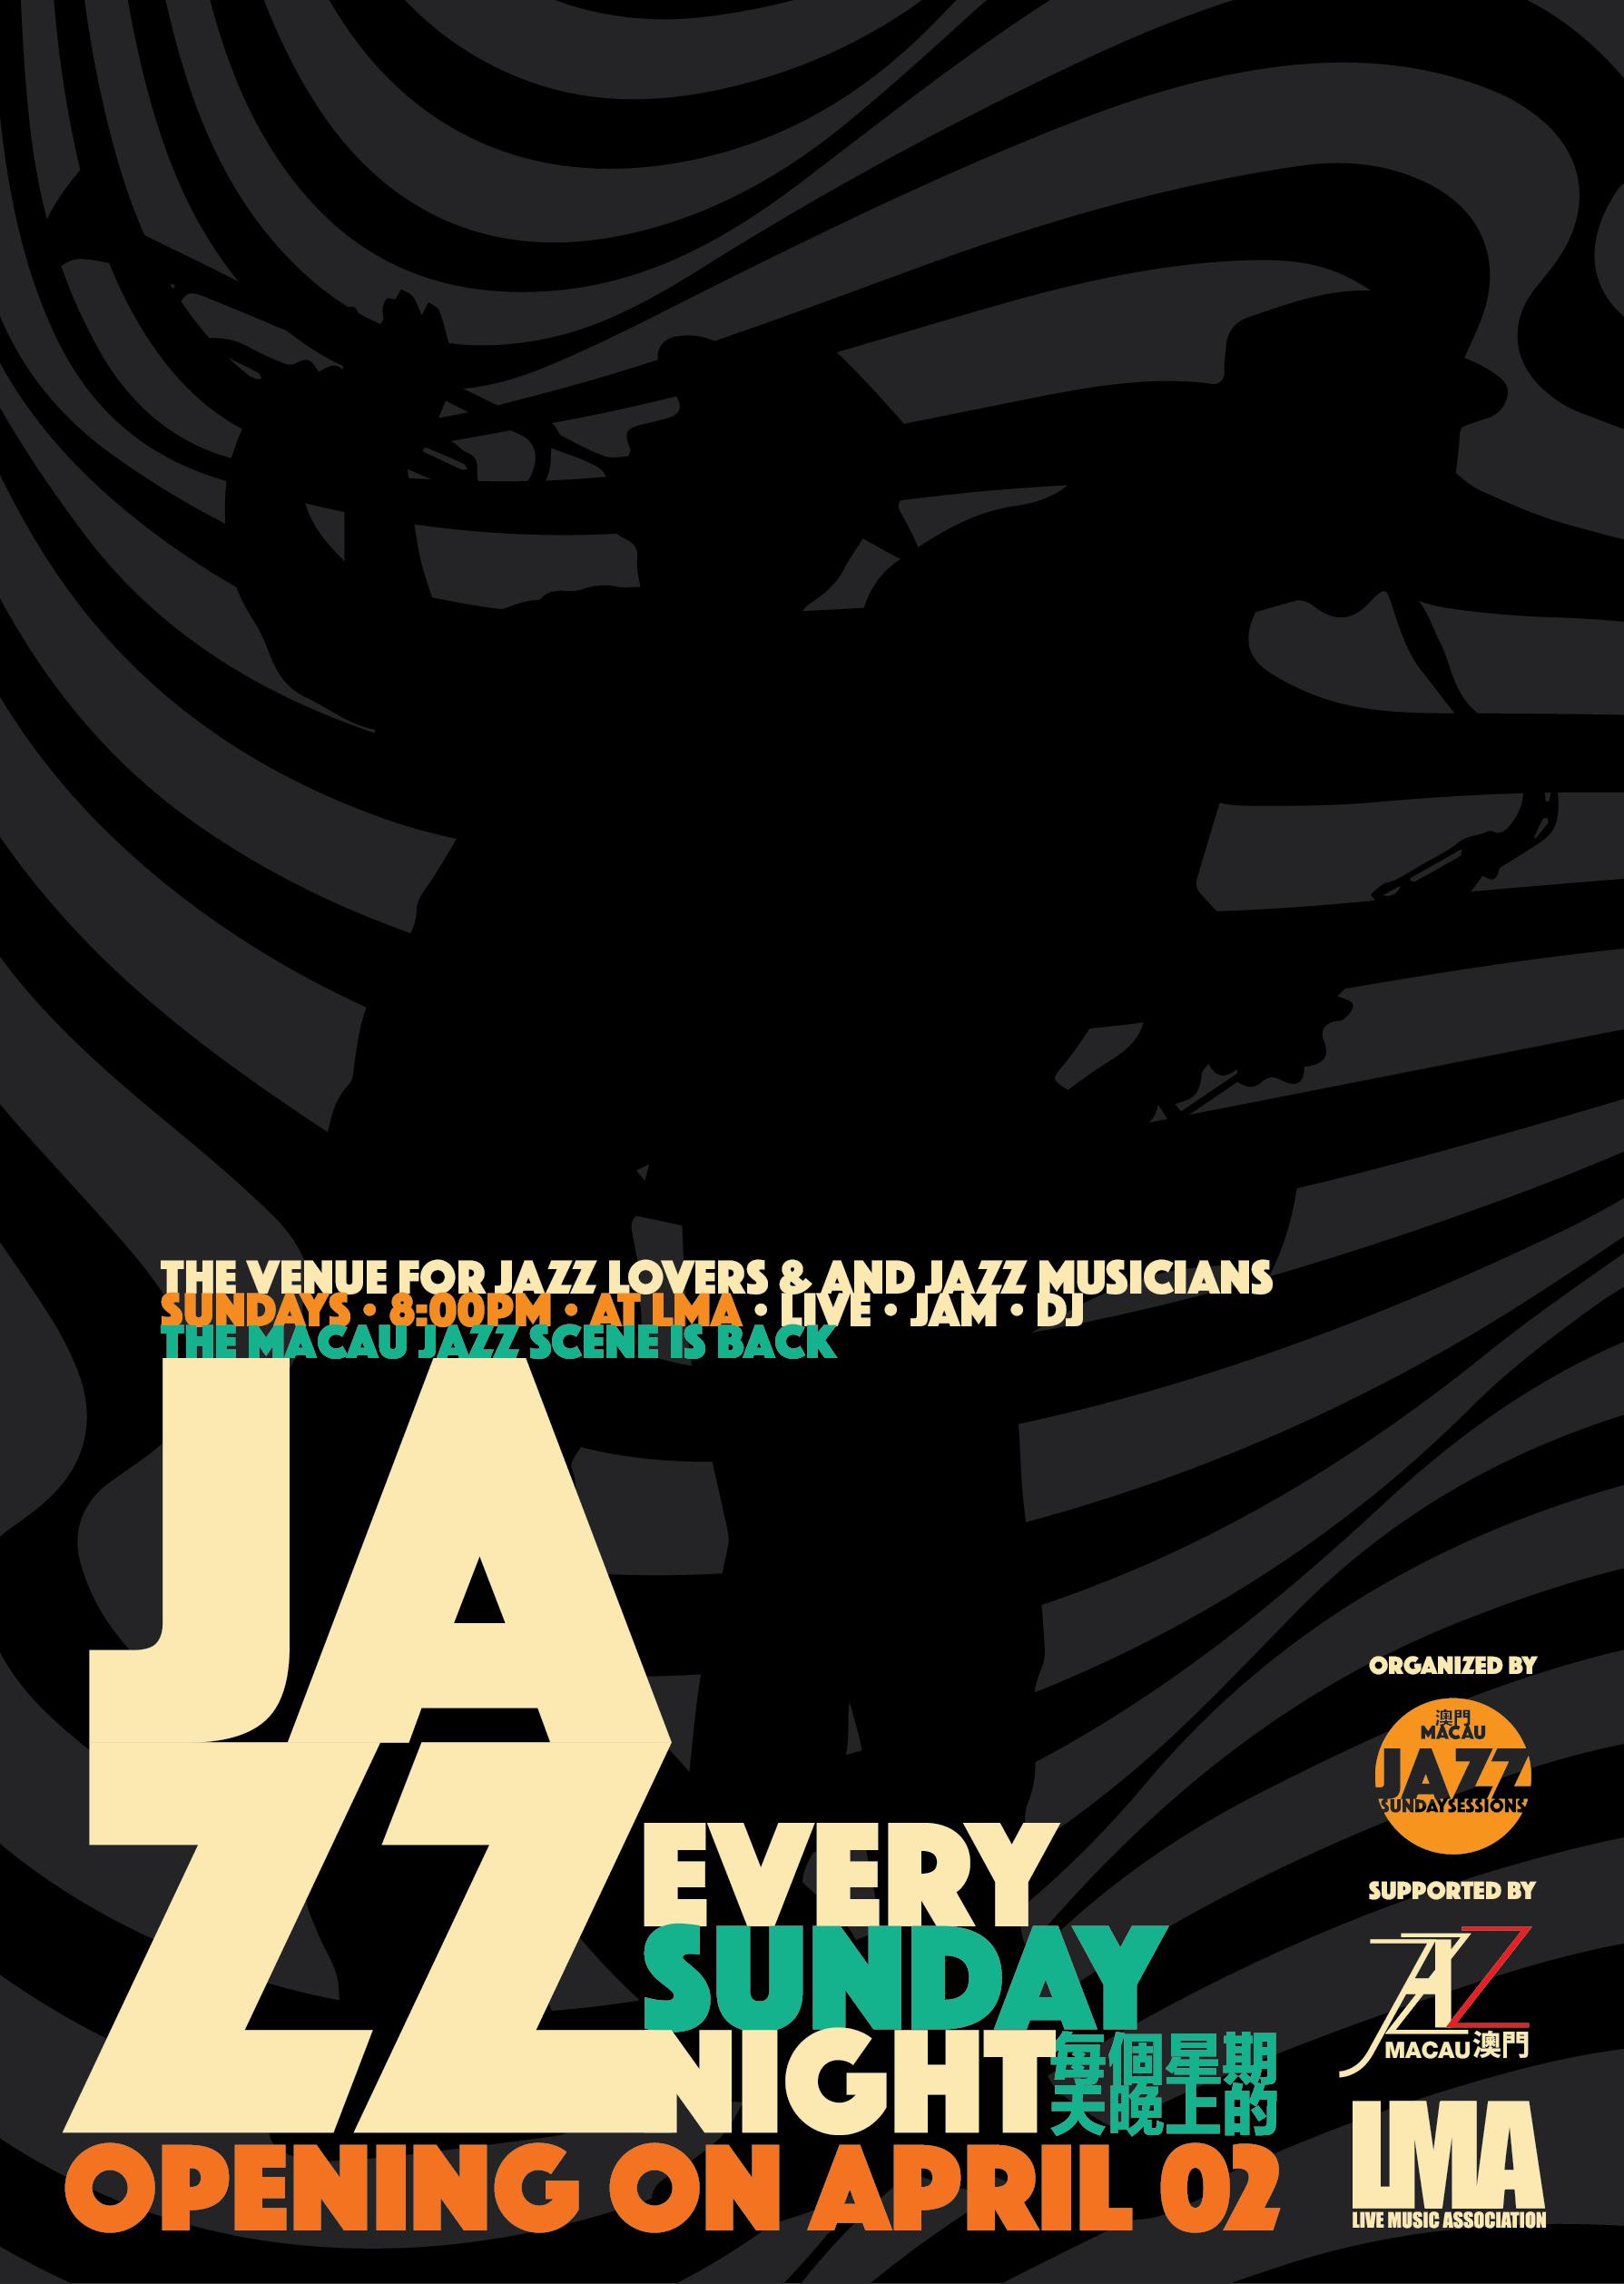 Clube de Jazz | Live Music Association acolhe concertos ao domingo